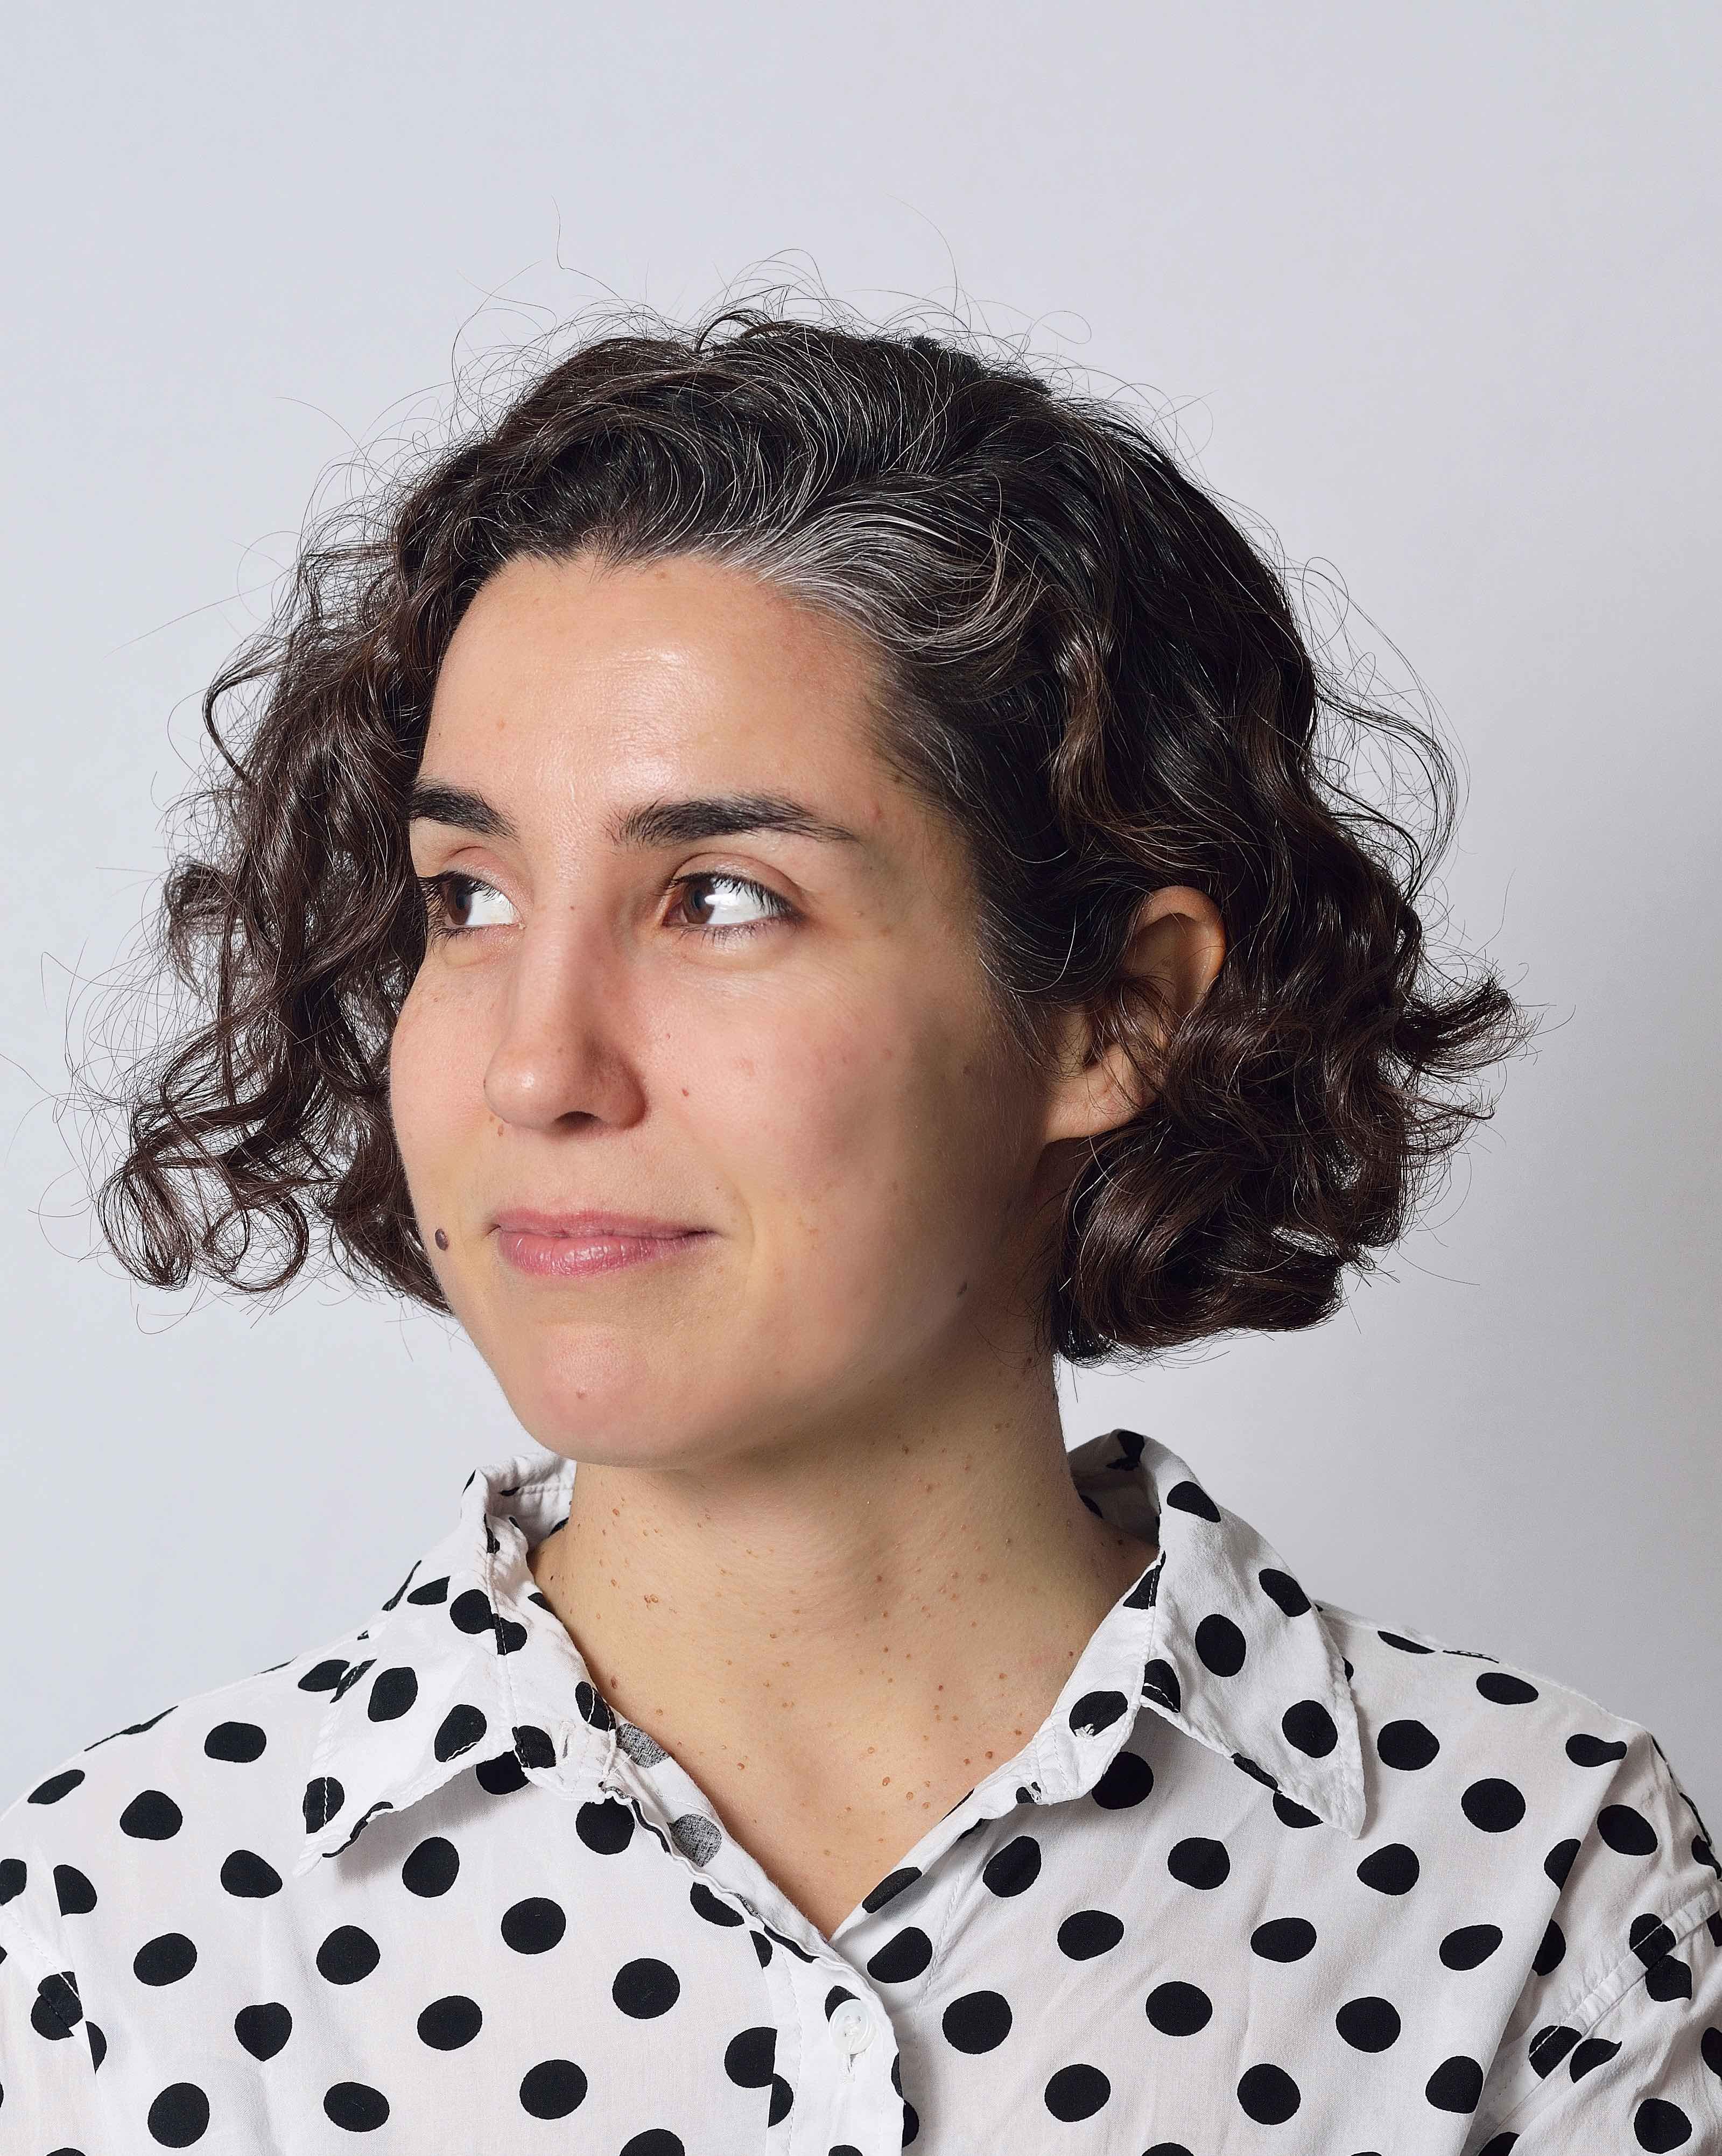 Blanca Garcia-Gil